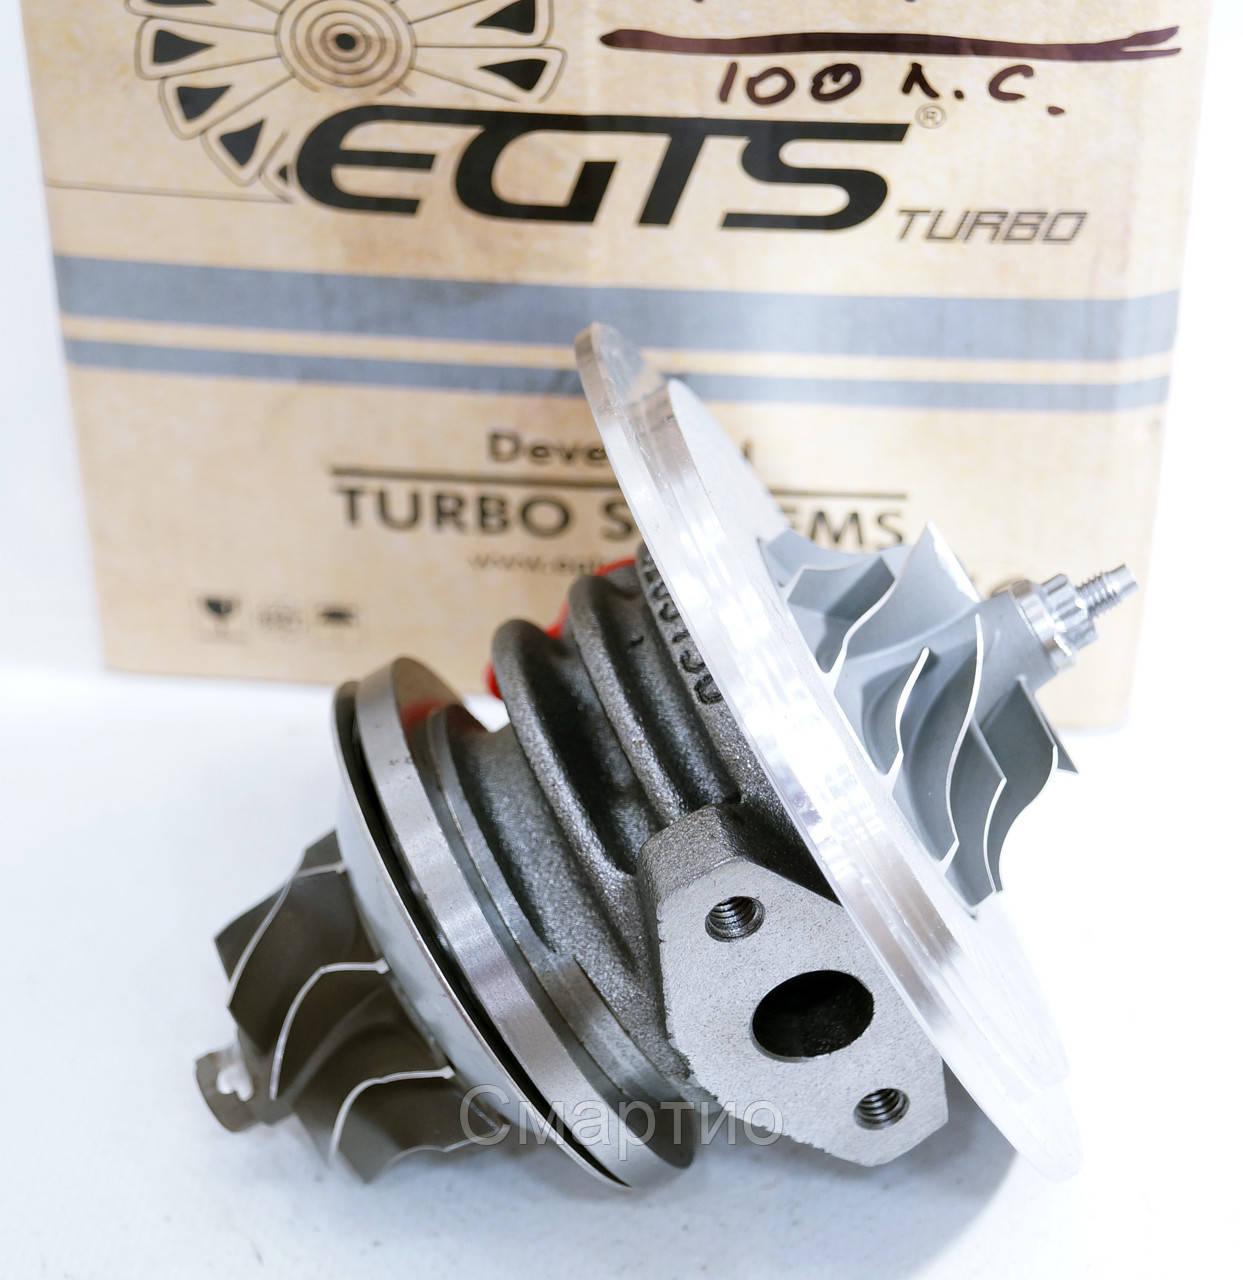 Картридж  1.9 D 102-105 л.с. (новый) Egts Turbo